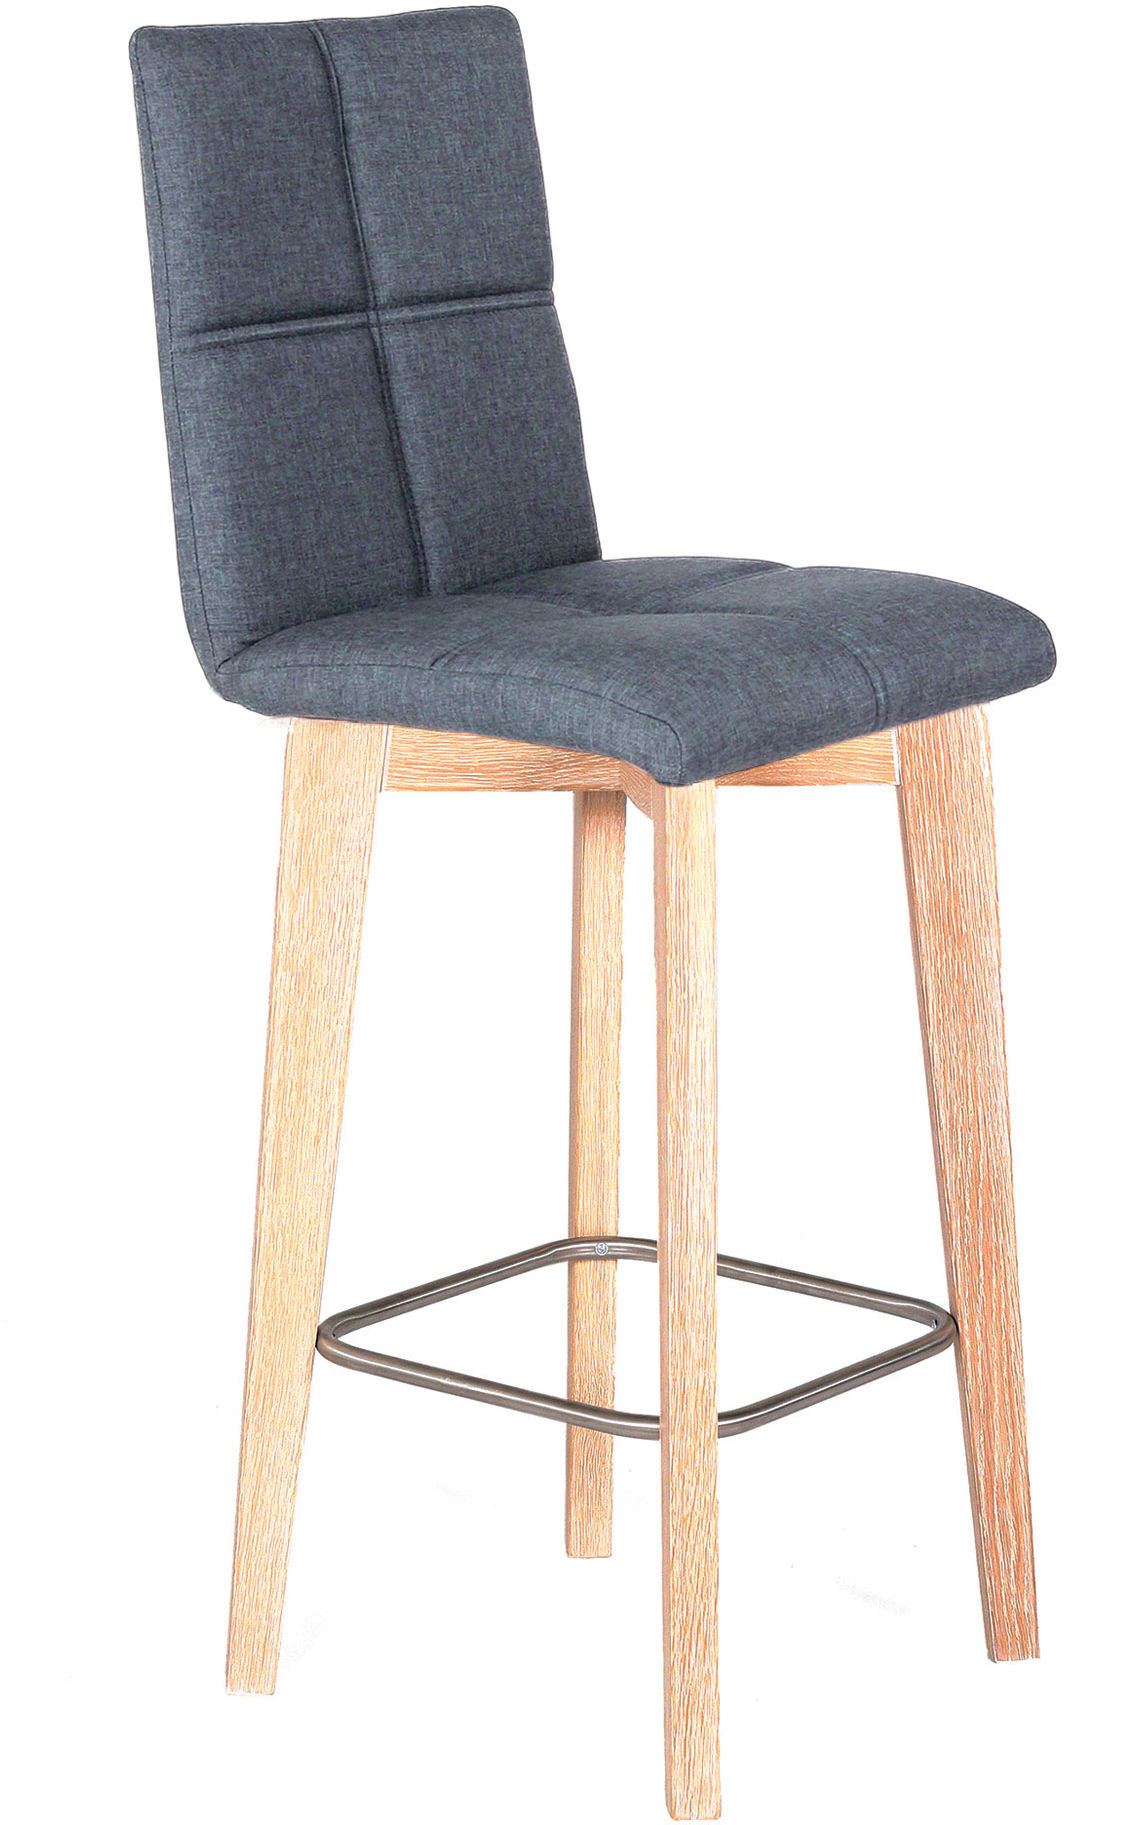 Krzesło dębowe tapicerowane NK-33 barowe